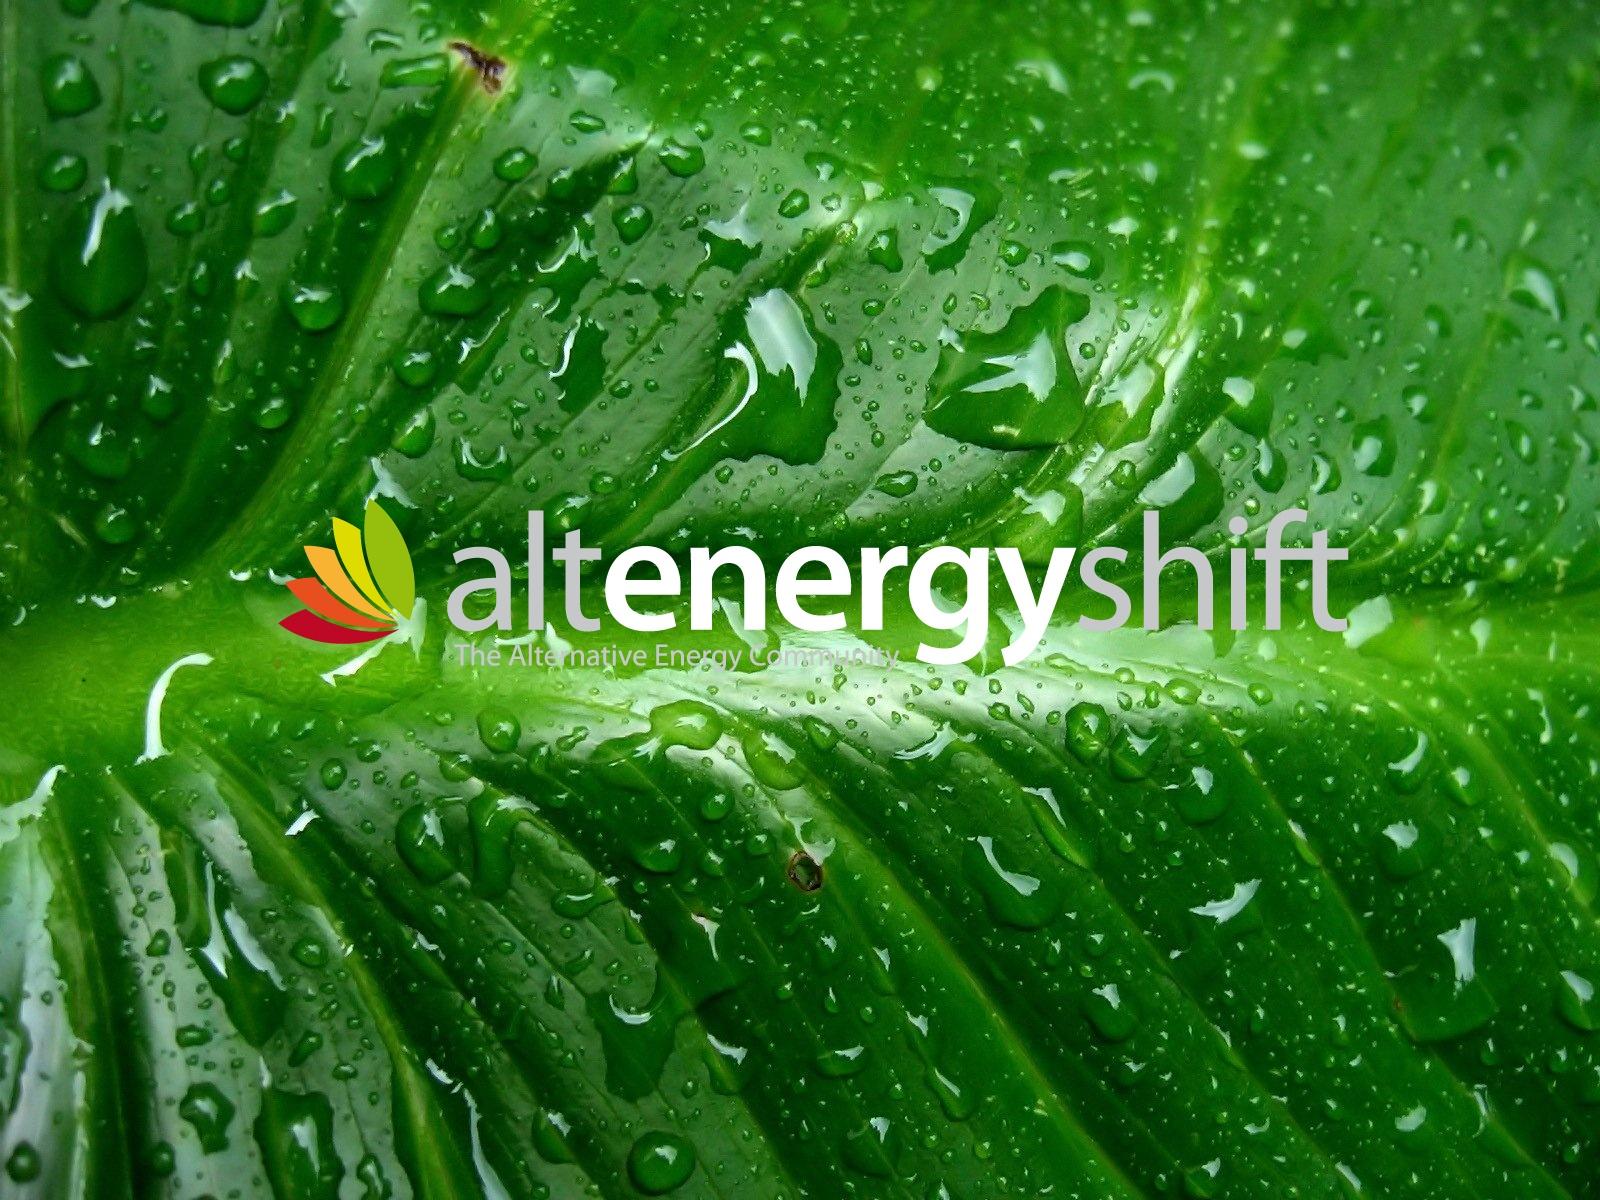 AltEnergyShift wallpaper